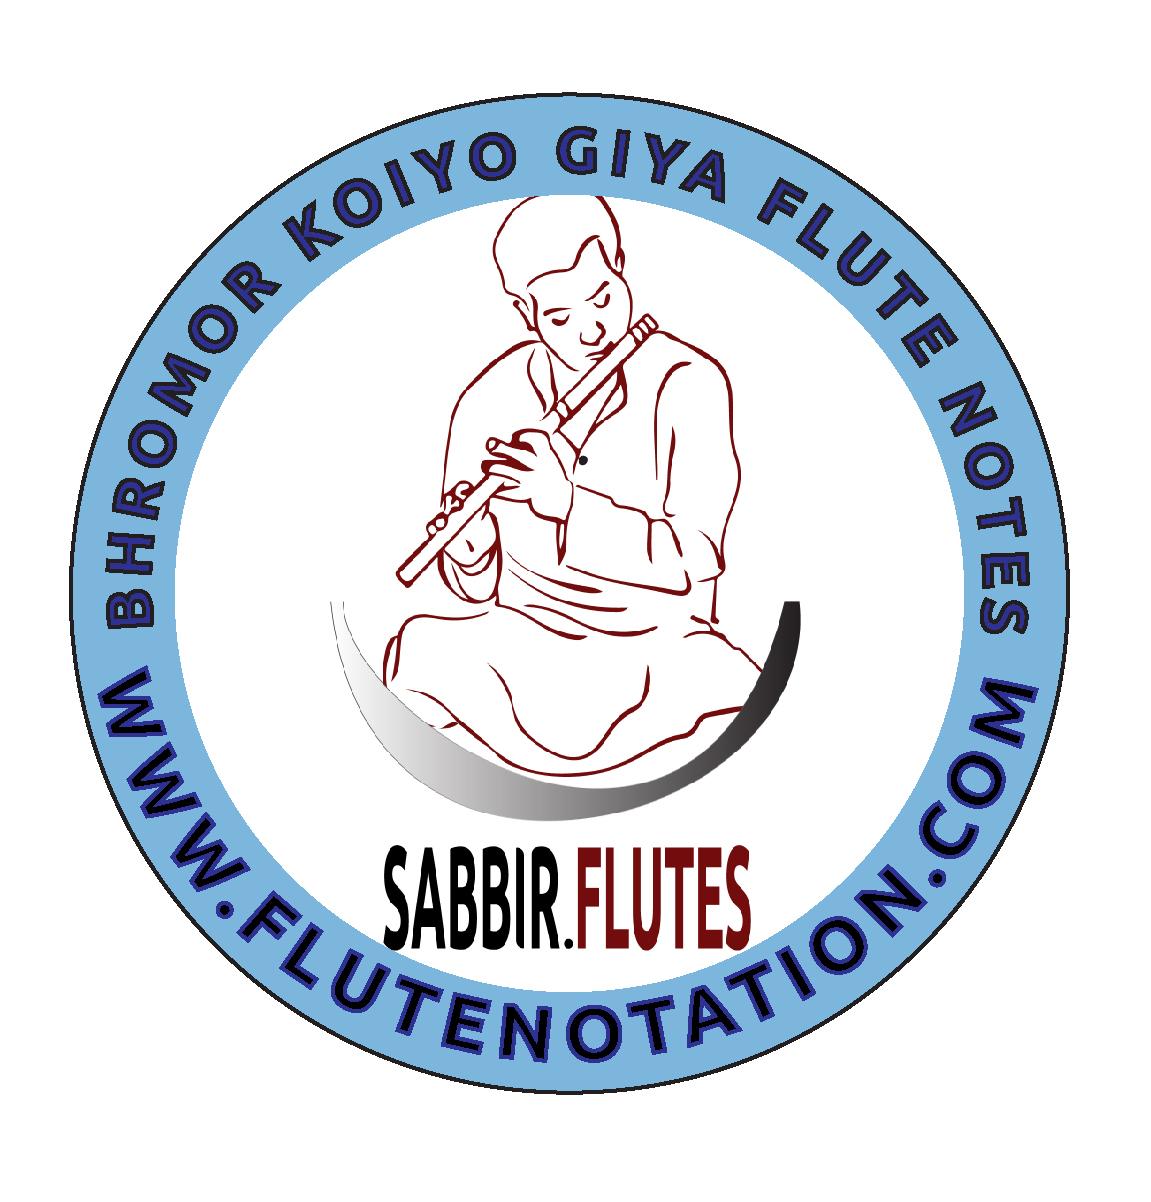 Bhromor koiyo giya flute notes ( Flute Sargam ) - Flute